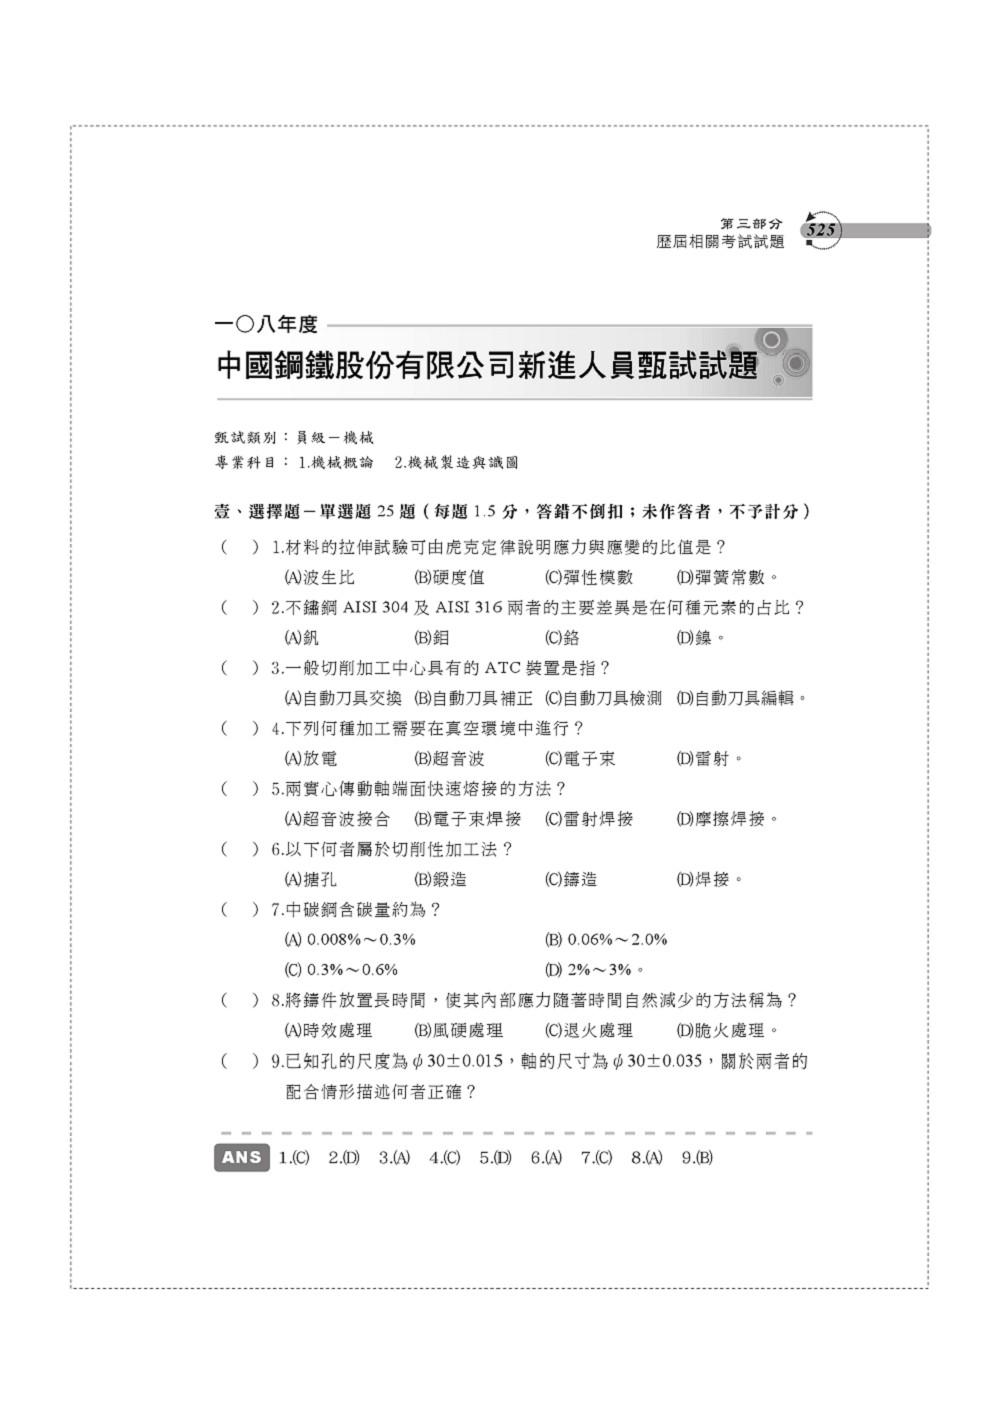 ◤博客來BOOKS◢ 暢銷書榜《推薦》國營事業「搶分系列」【機械常識(機械原理)】(重點內容整理,精選試題收錄)(7版)